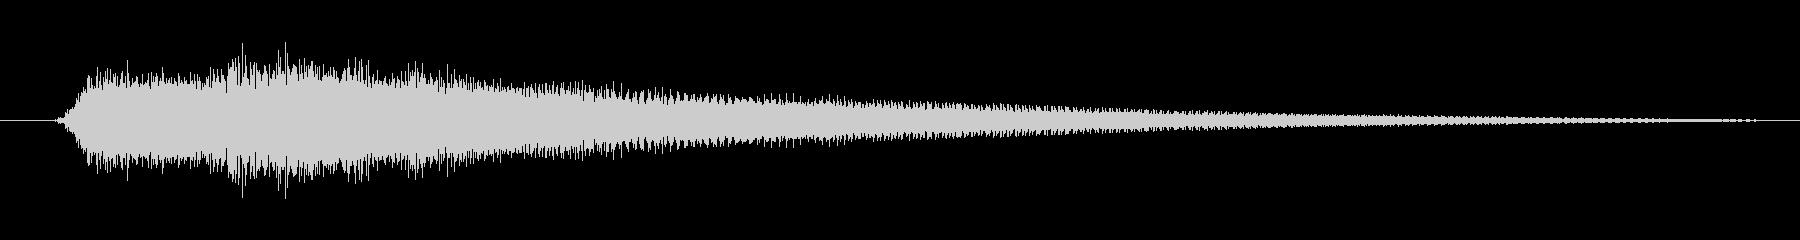 【エレキギター】爽快なワン・フレーズ の未再生の波形